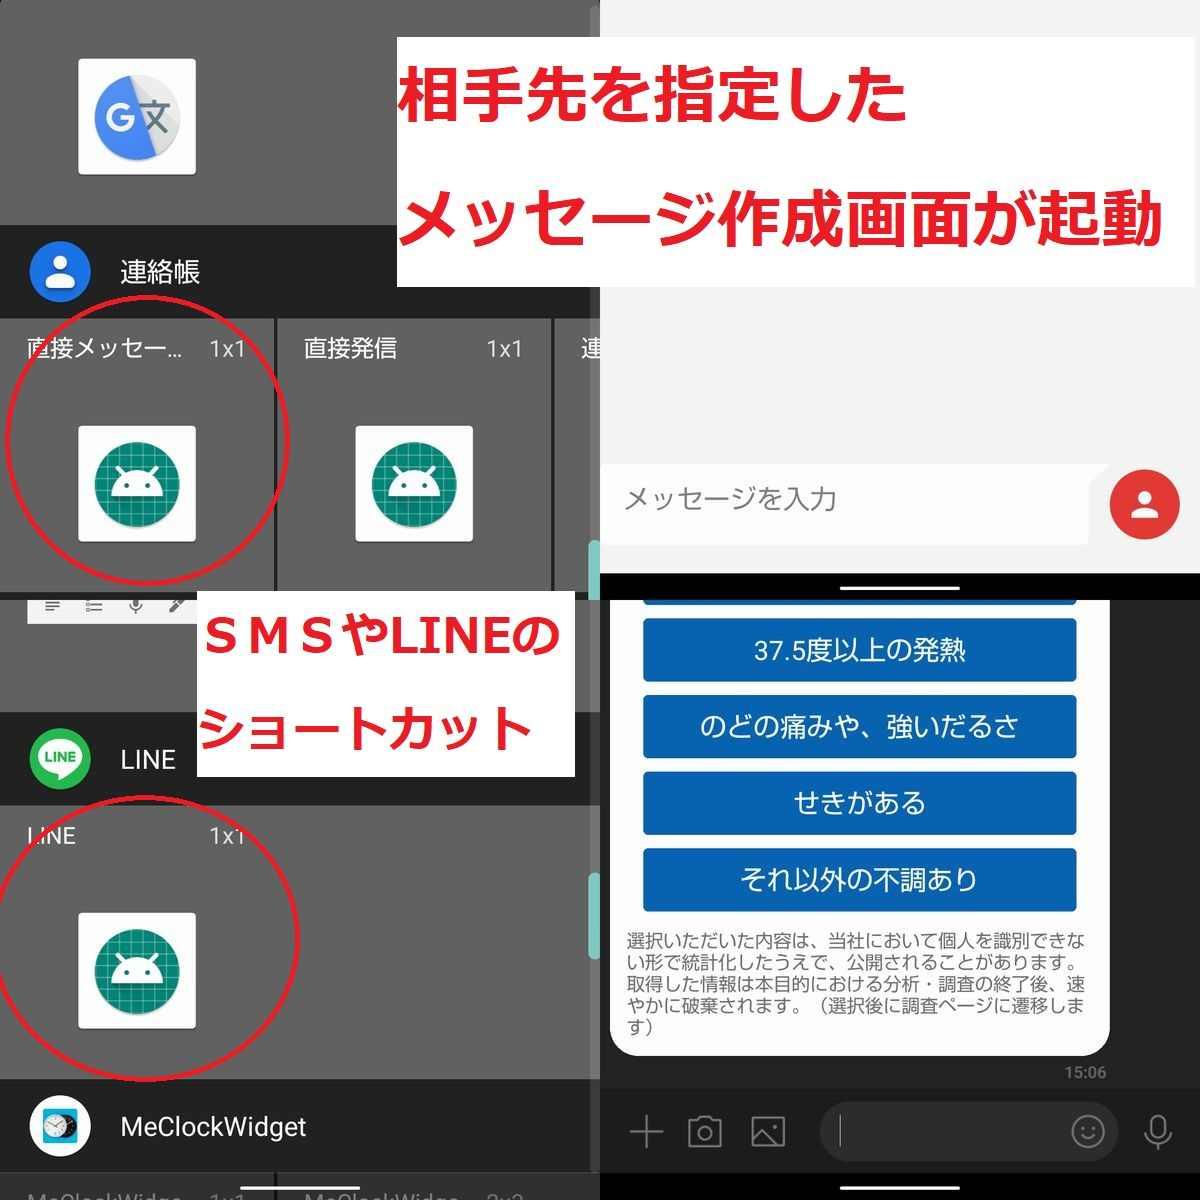 SMSやLINEのショートカット